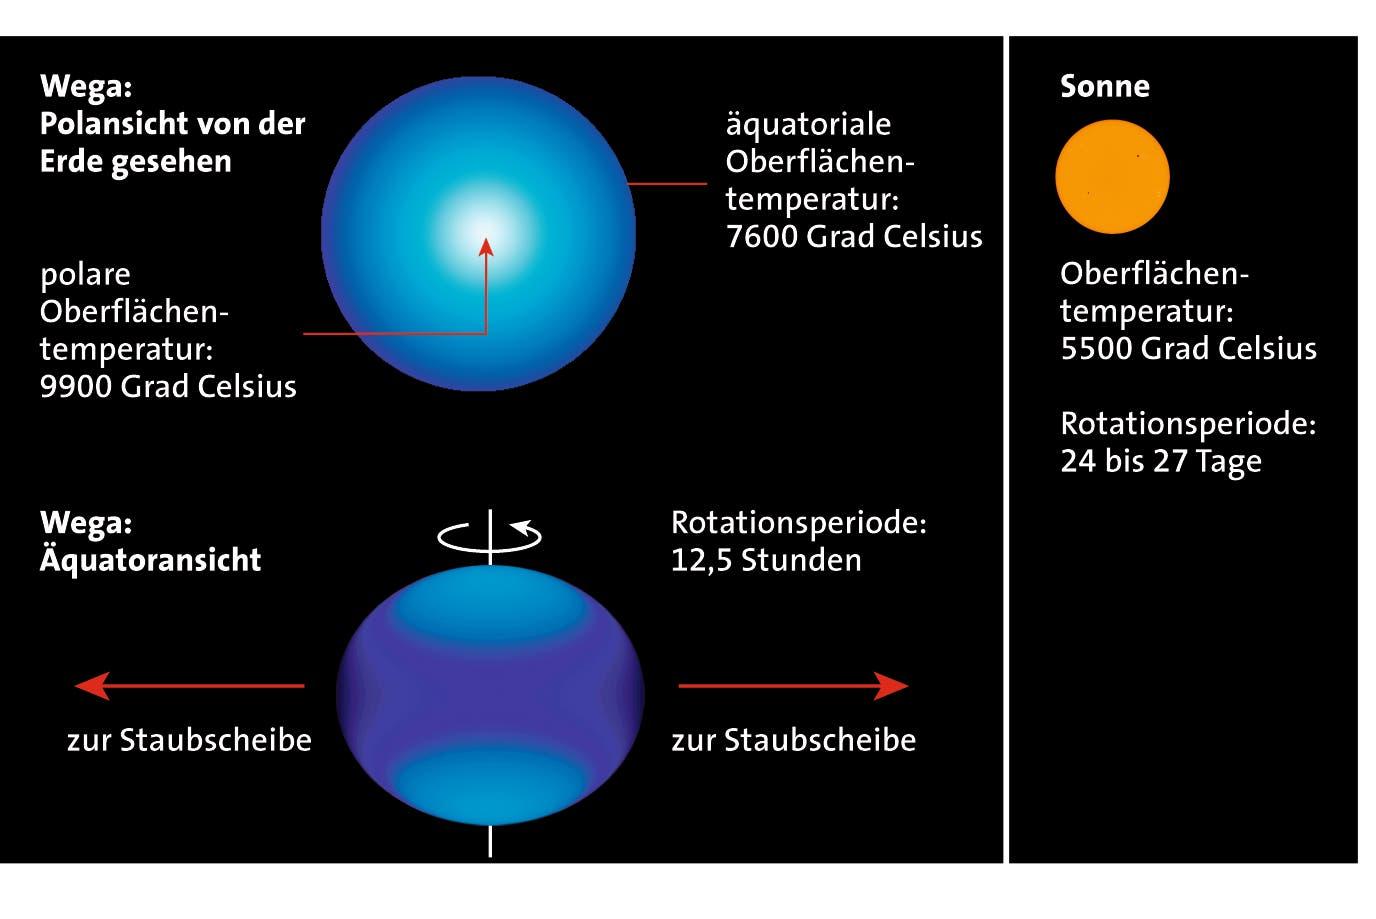 Die wichtigsten Eigenschaften des Sterns Wega in der Leier